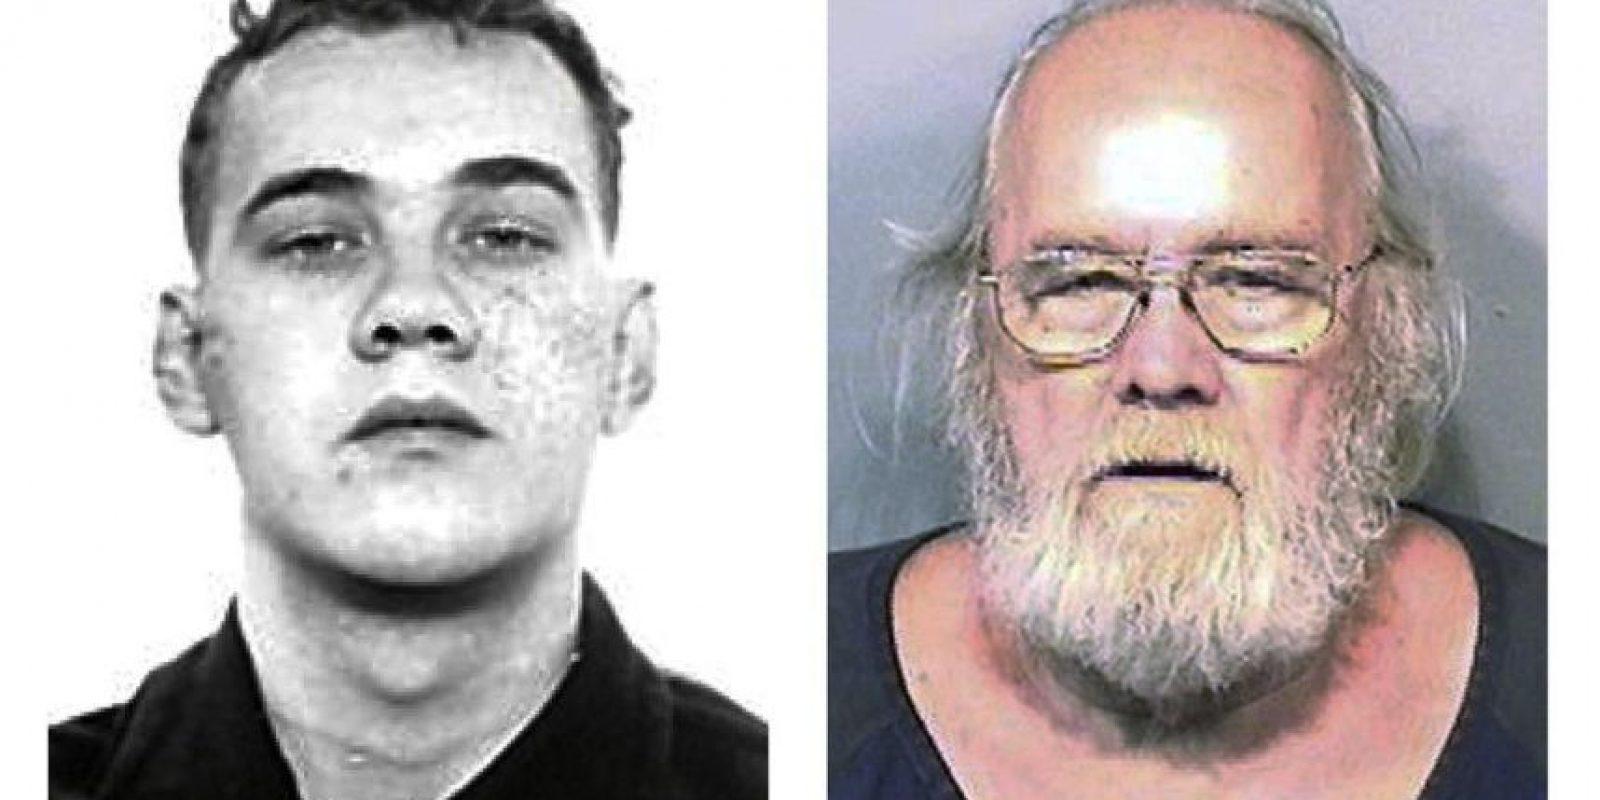 El hombre fue detenido en 1959, mismo año en que se fugó Foto:Reformatorio Estatal de Ohio,